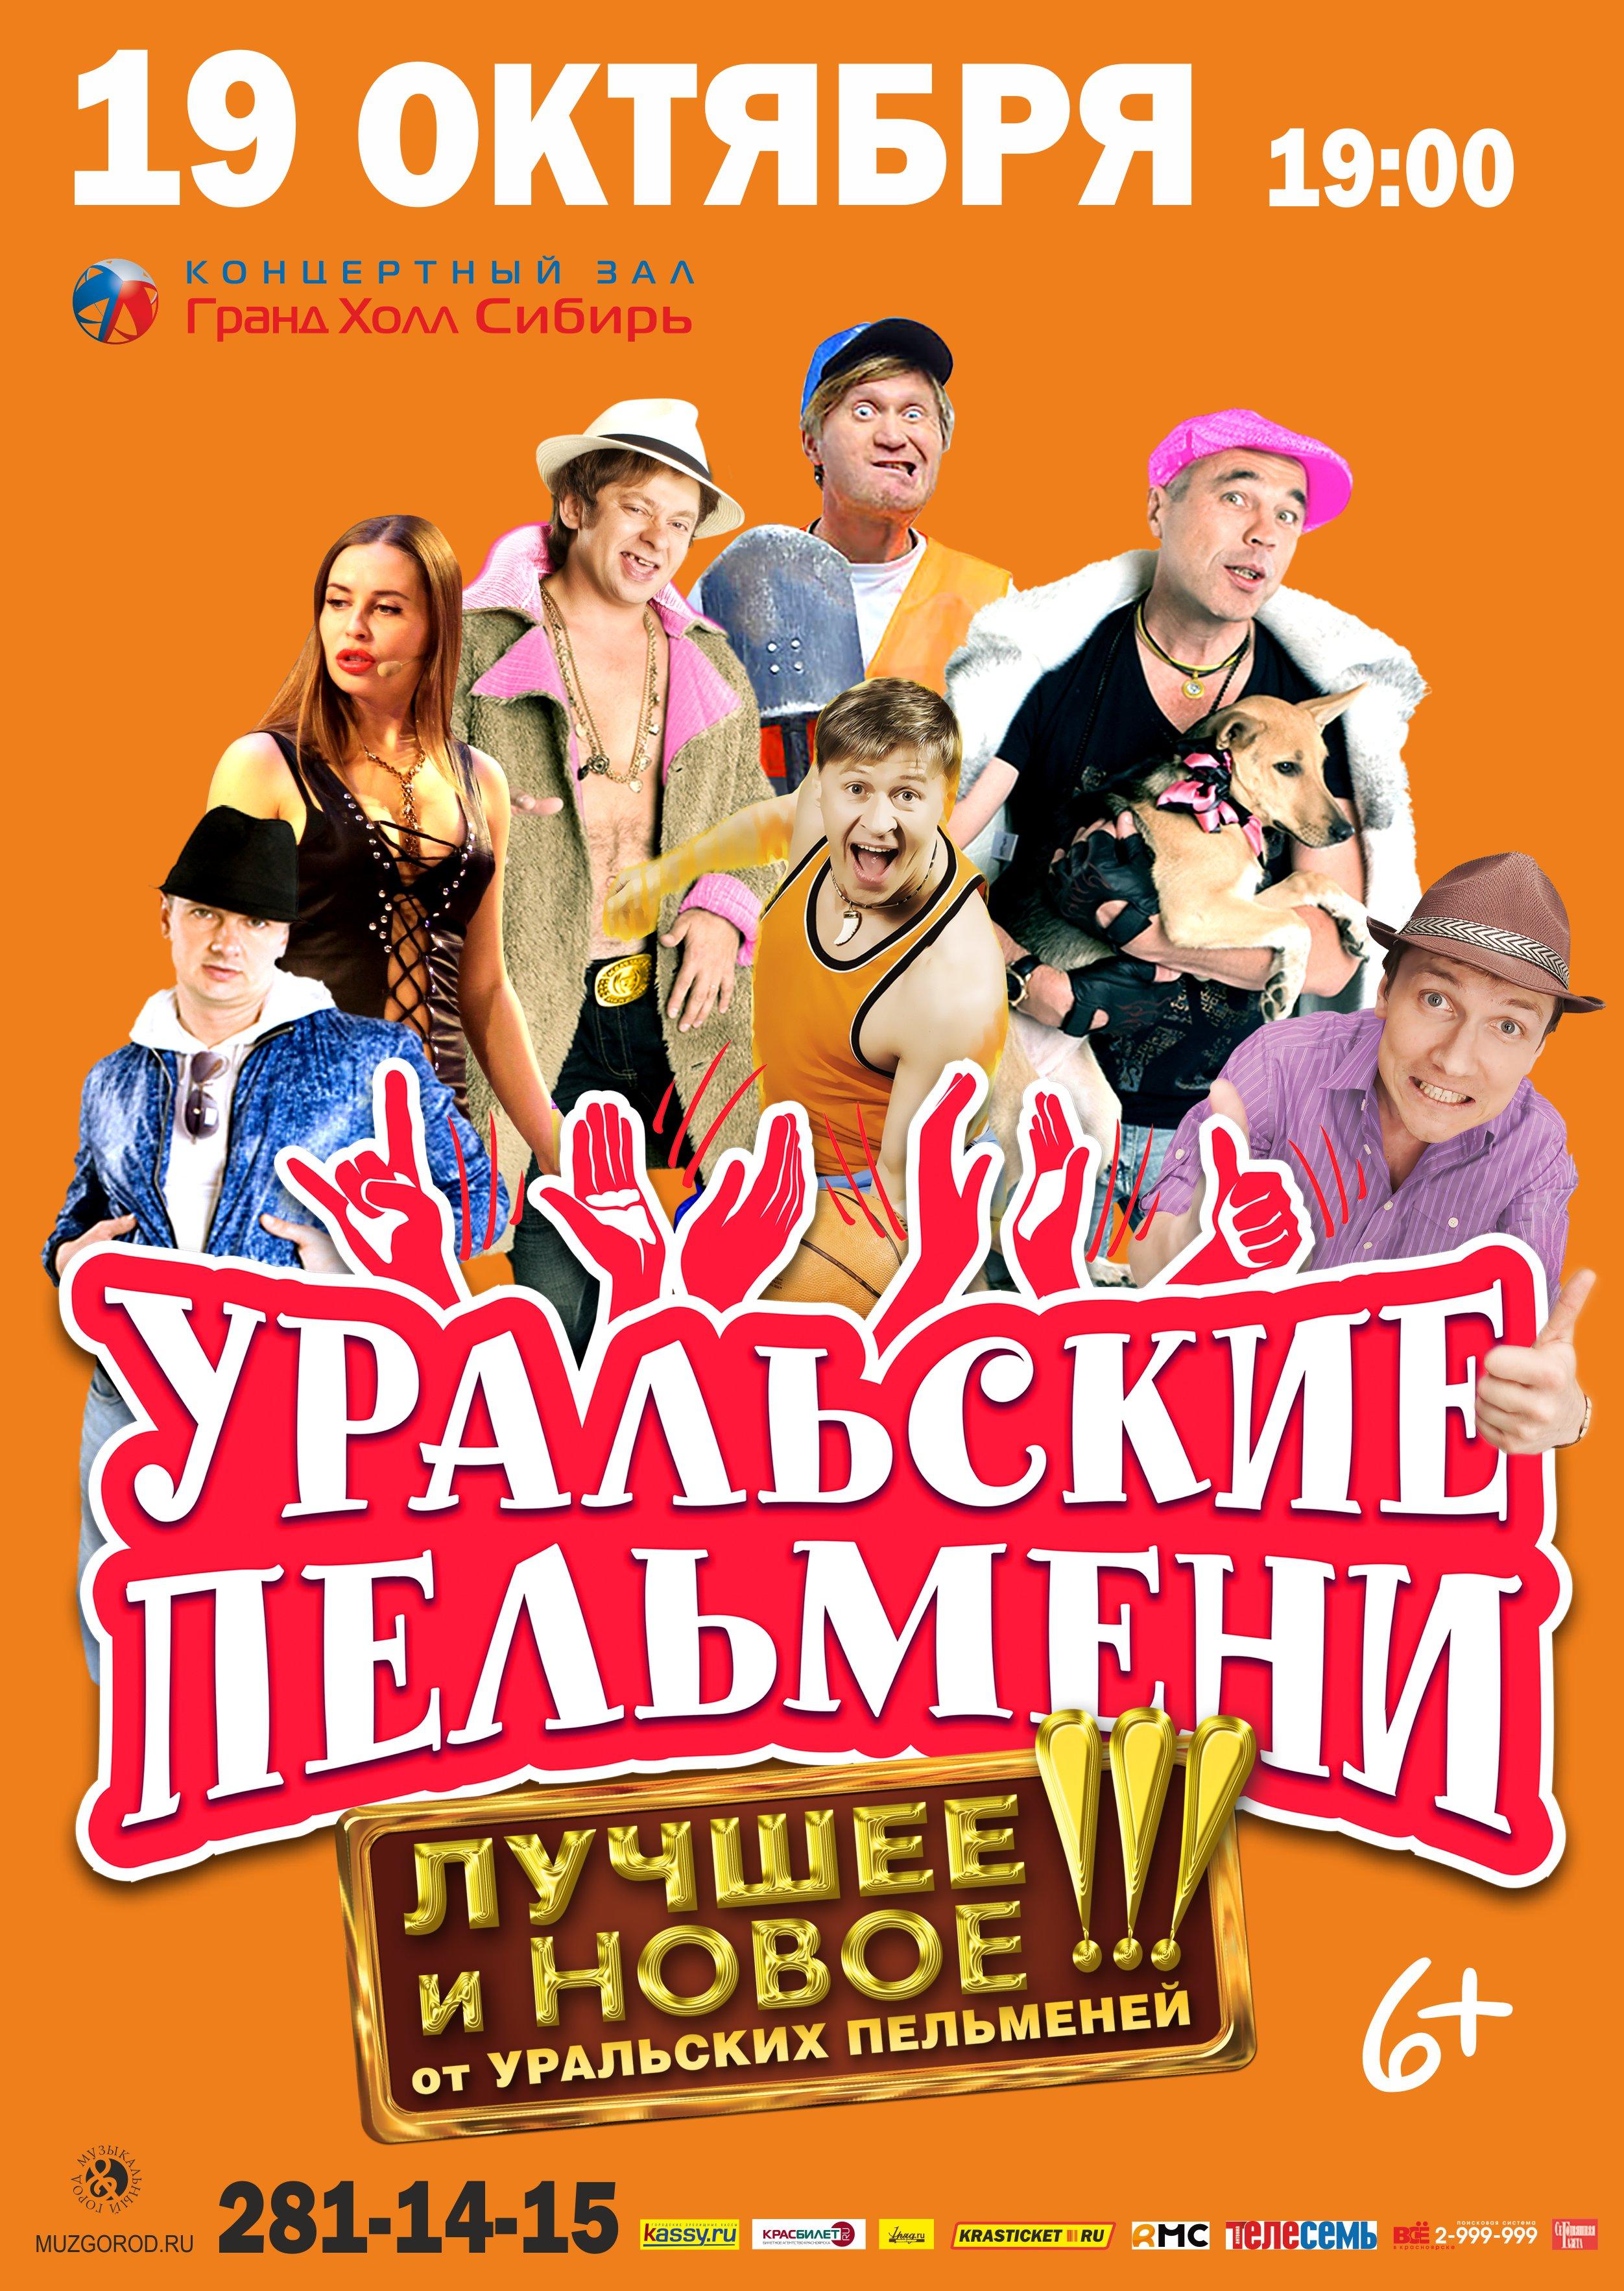 Концерт уральских пельменей 2016 год